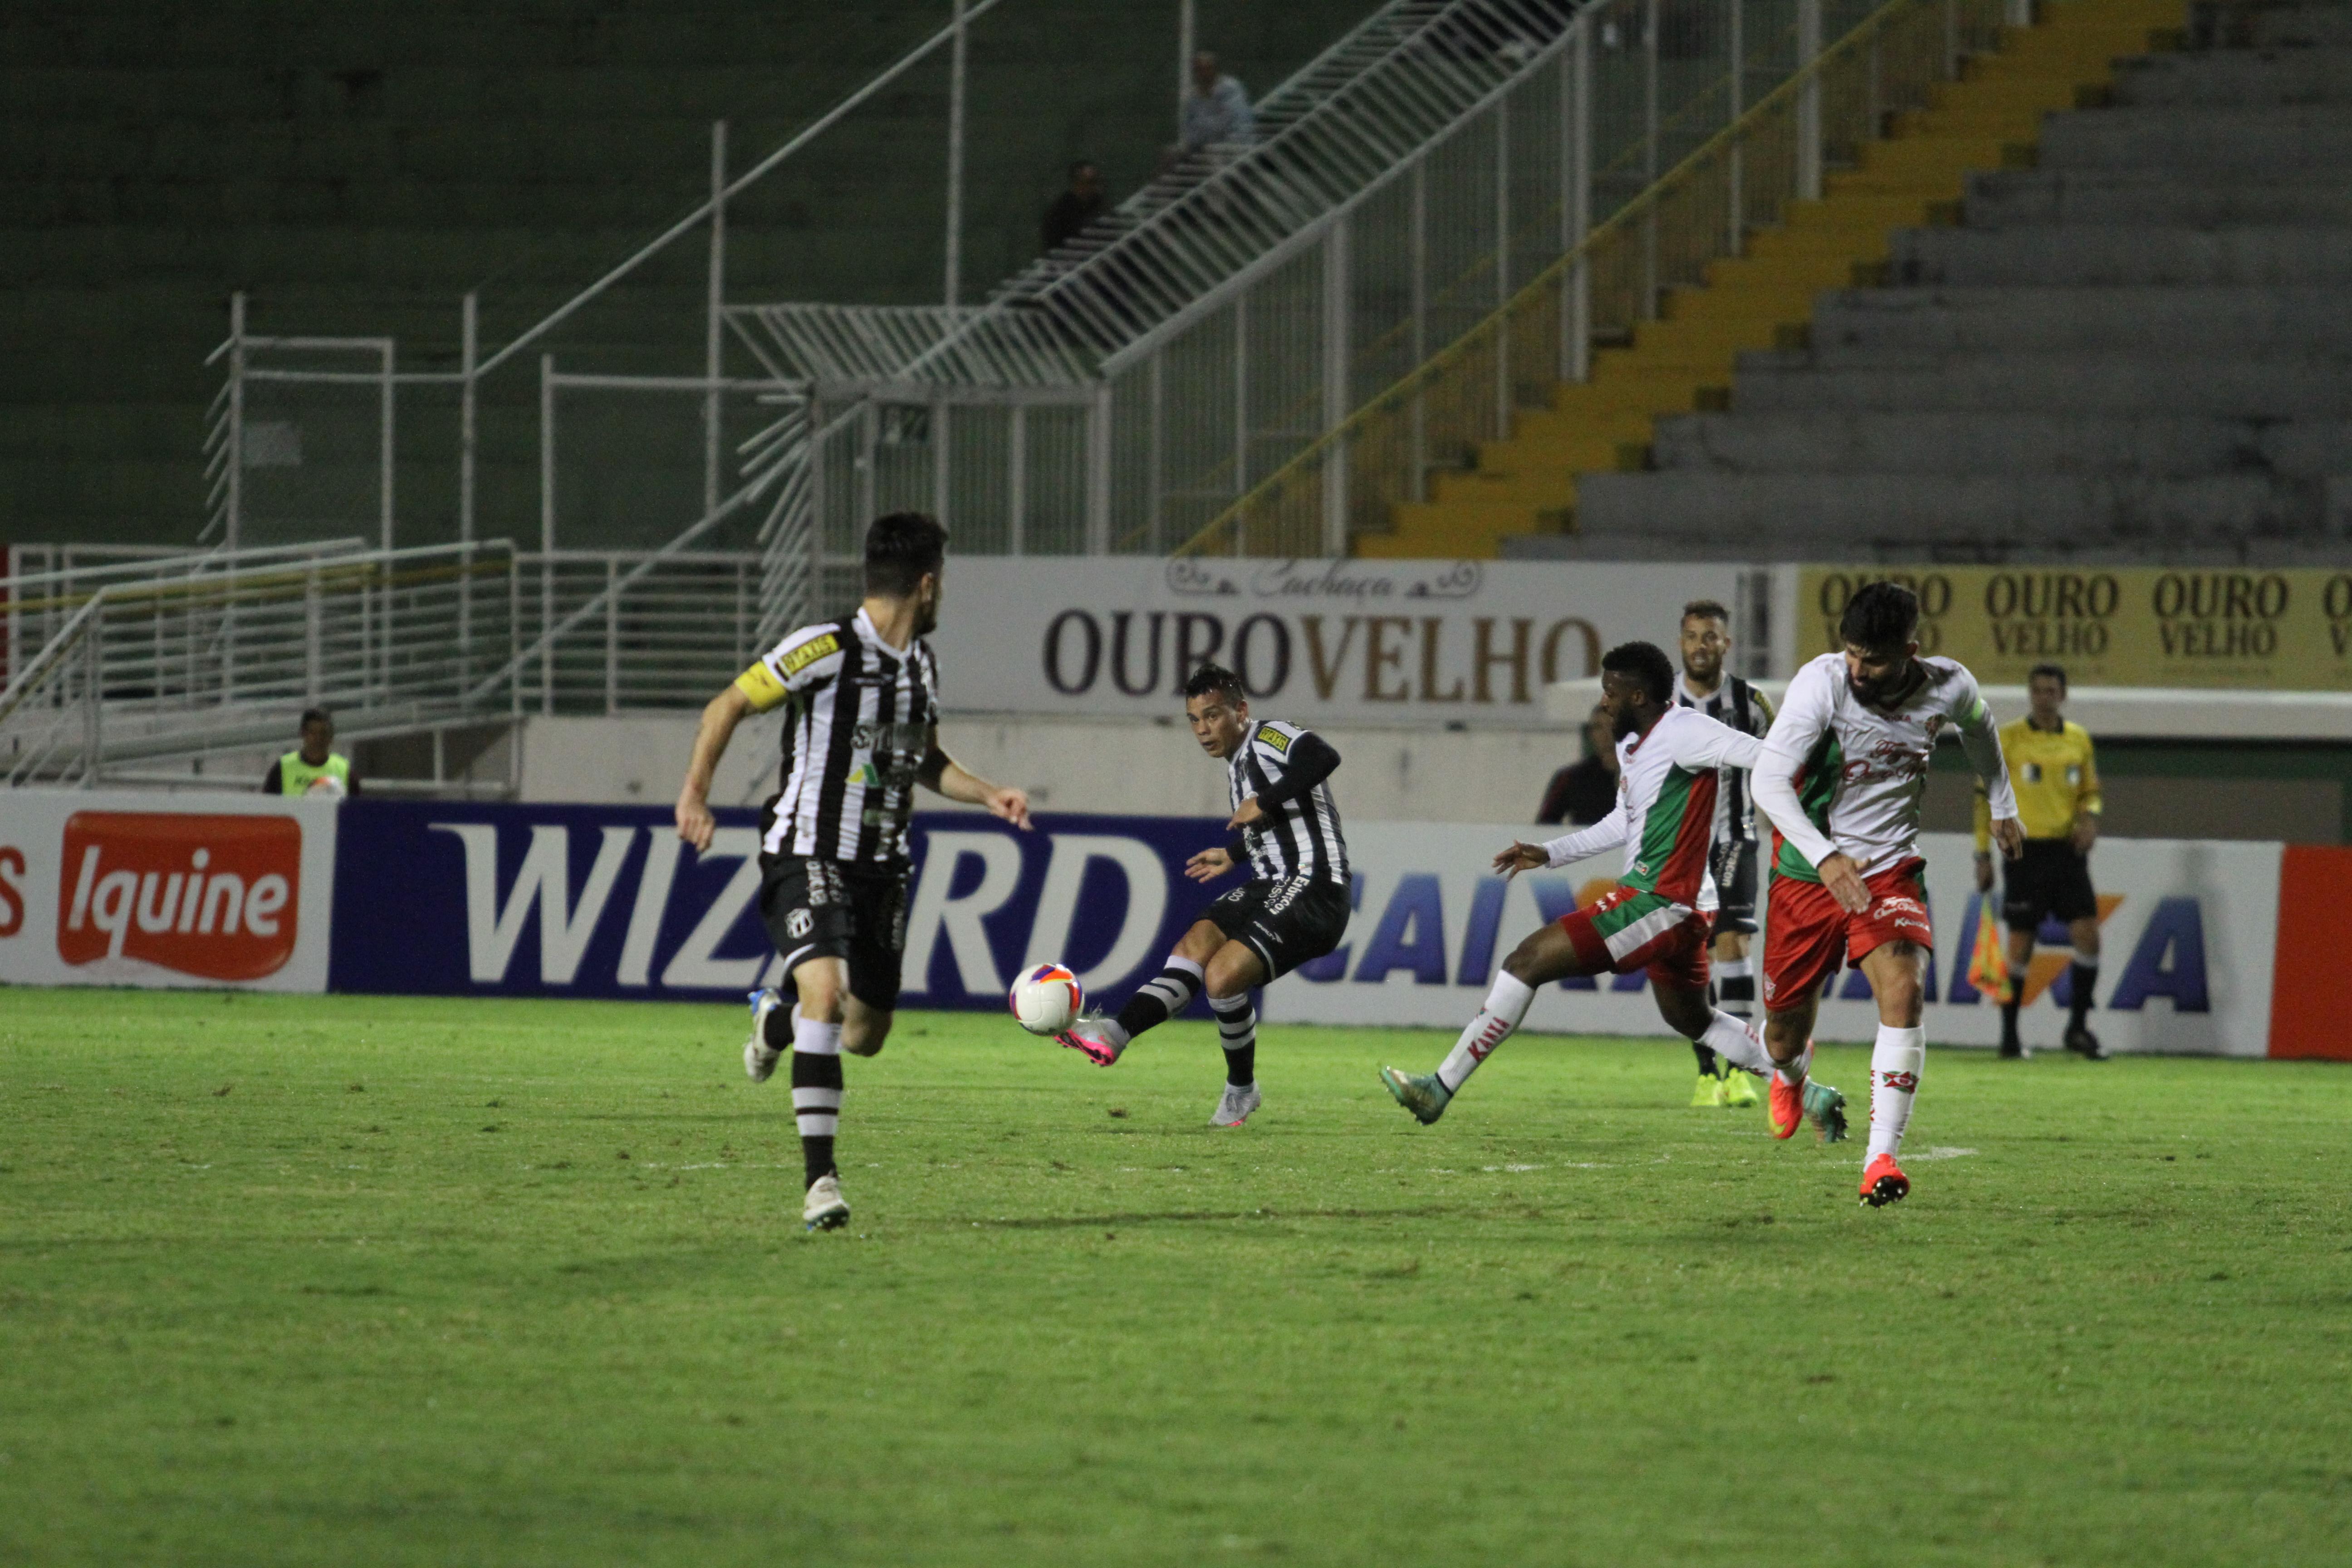 O Alvinegro teve mais posse de bola no primeiro tempo de jogo (Foto: Christian Alekson/CearaSC.com)